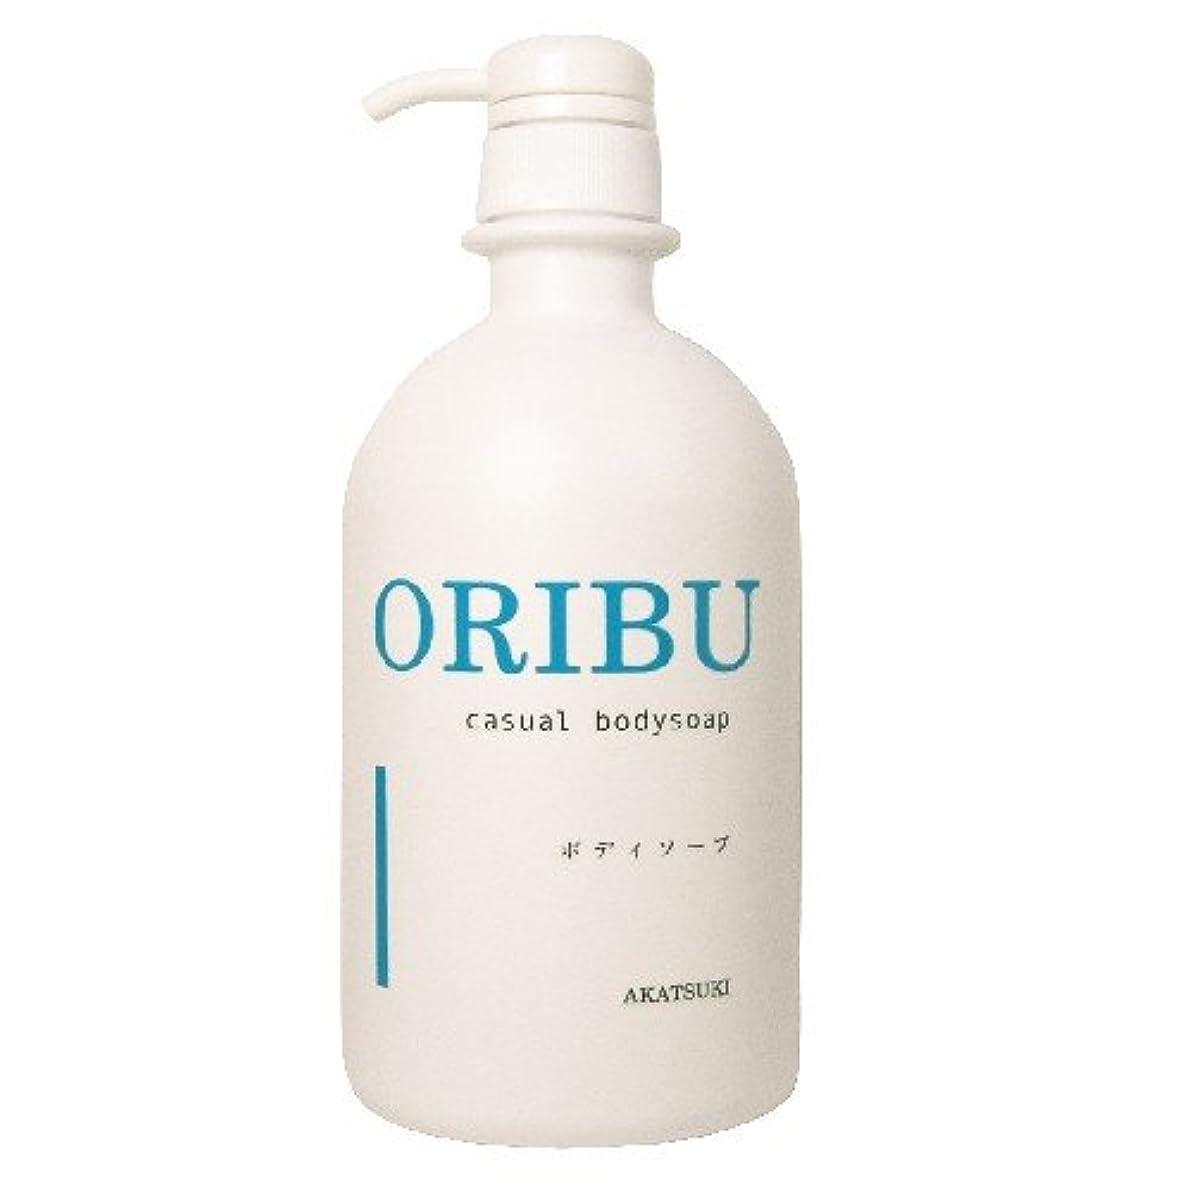 慣れるお別れ顕微鏡ORIBU果樹亜瑠 ボディソープ ボトル 800ml